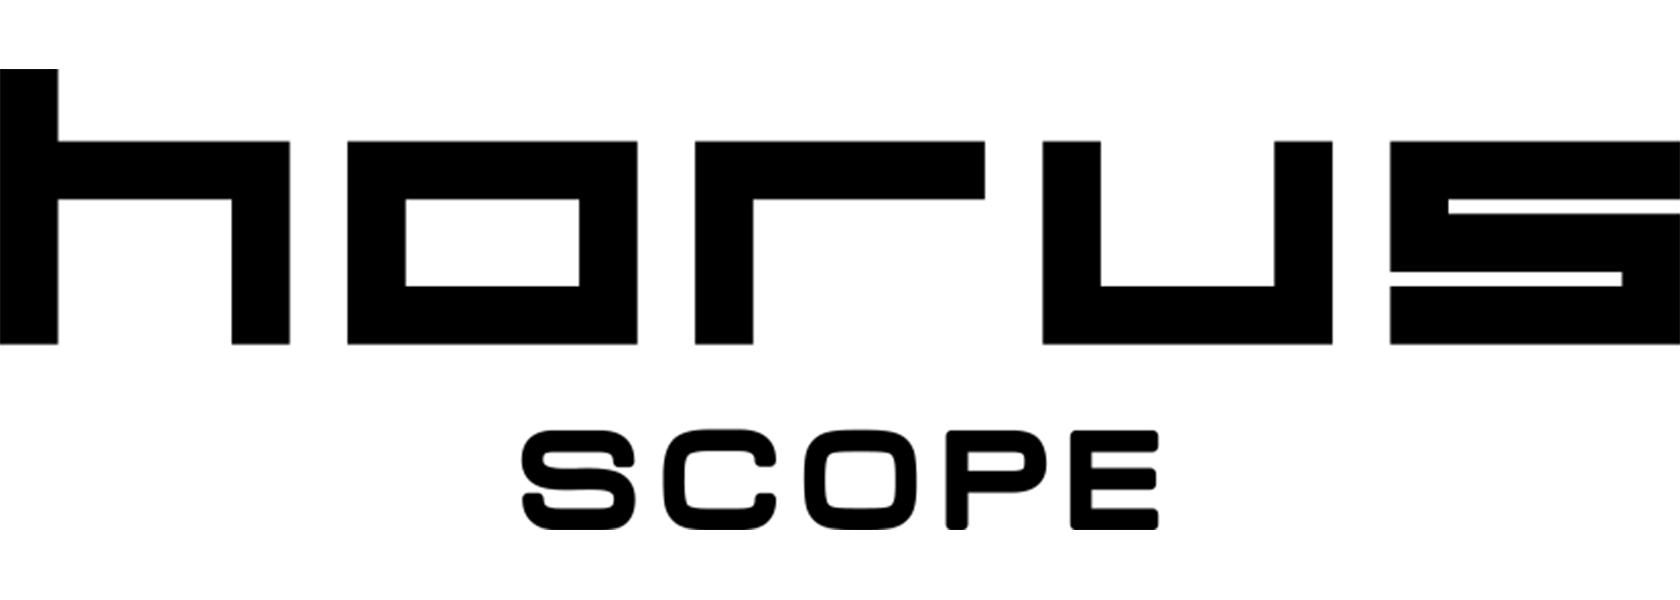 晉弘科技股份有限公司-Logo